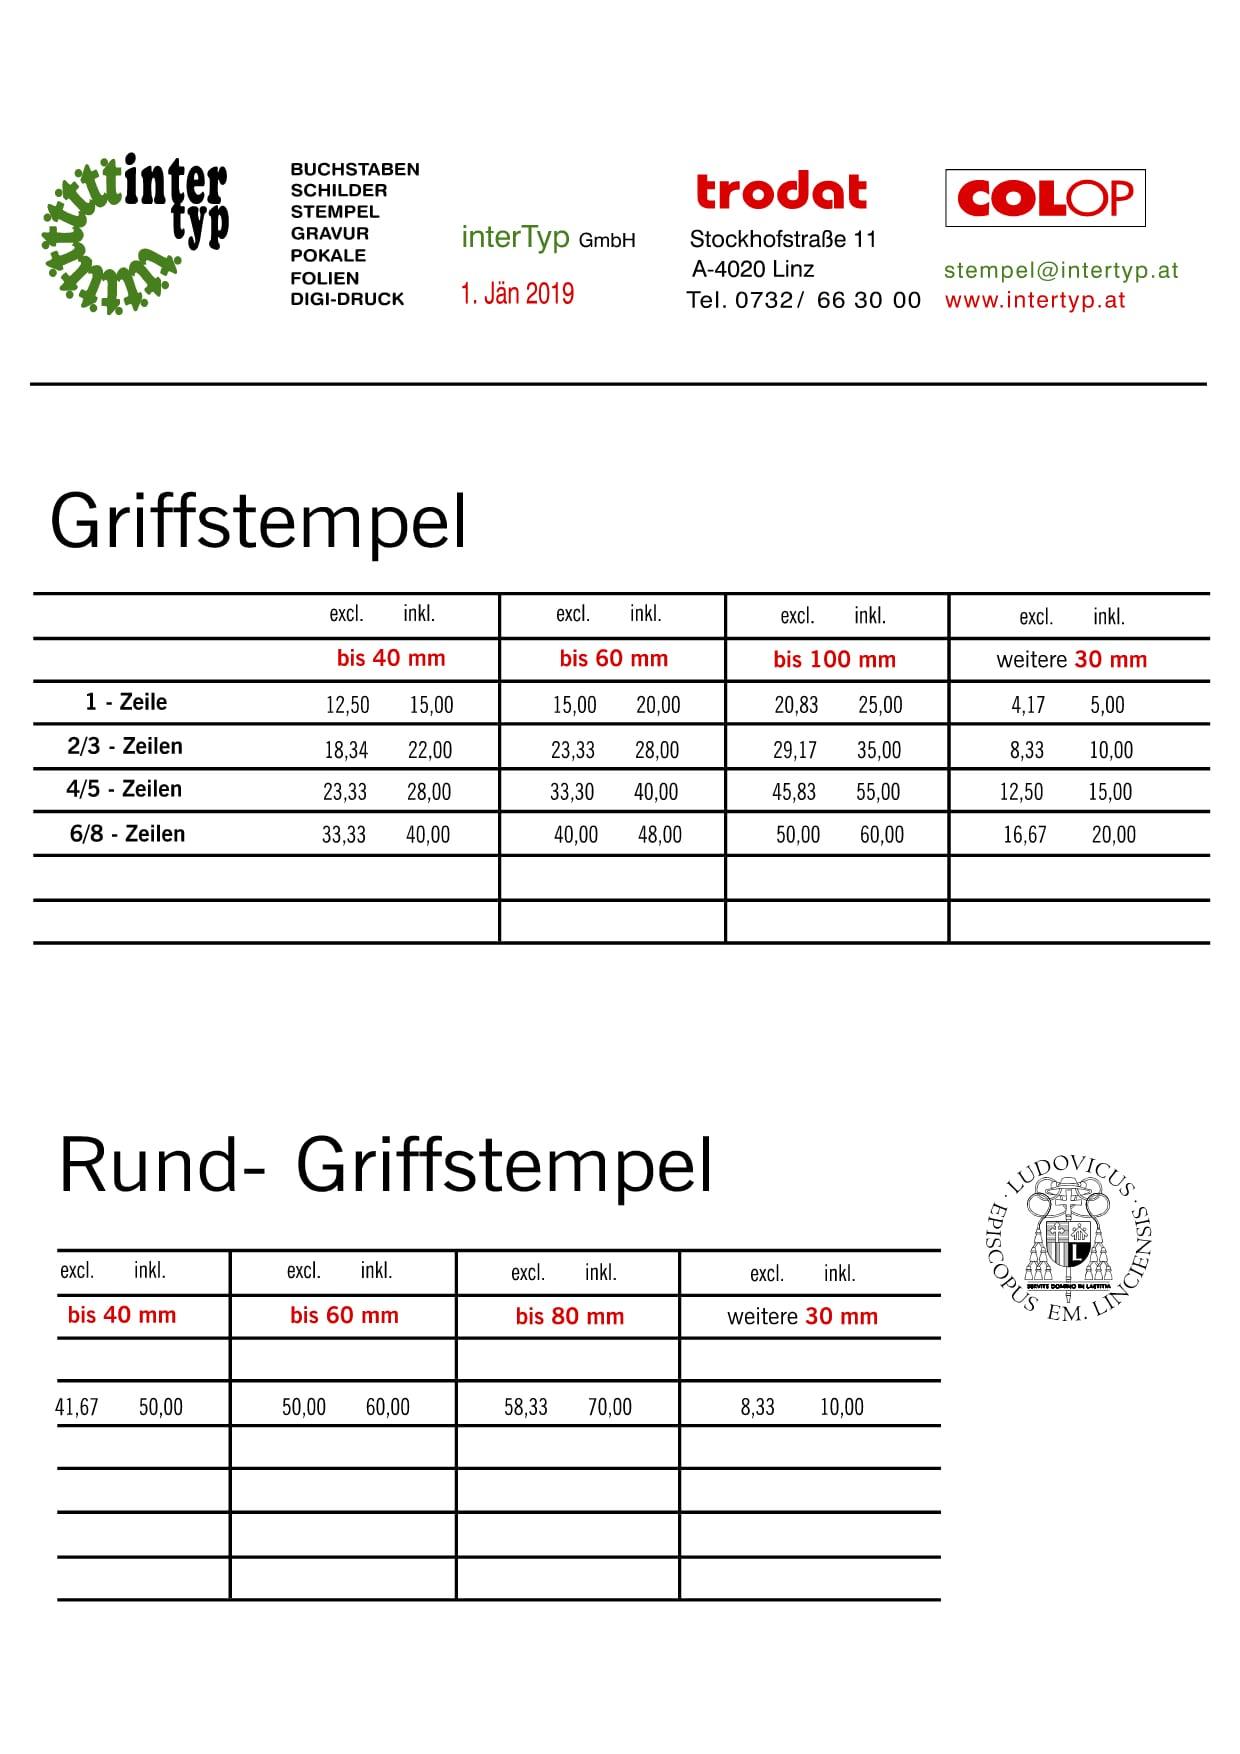 griffstempel 2019